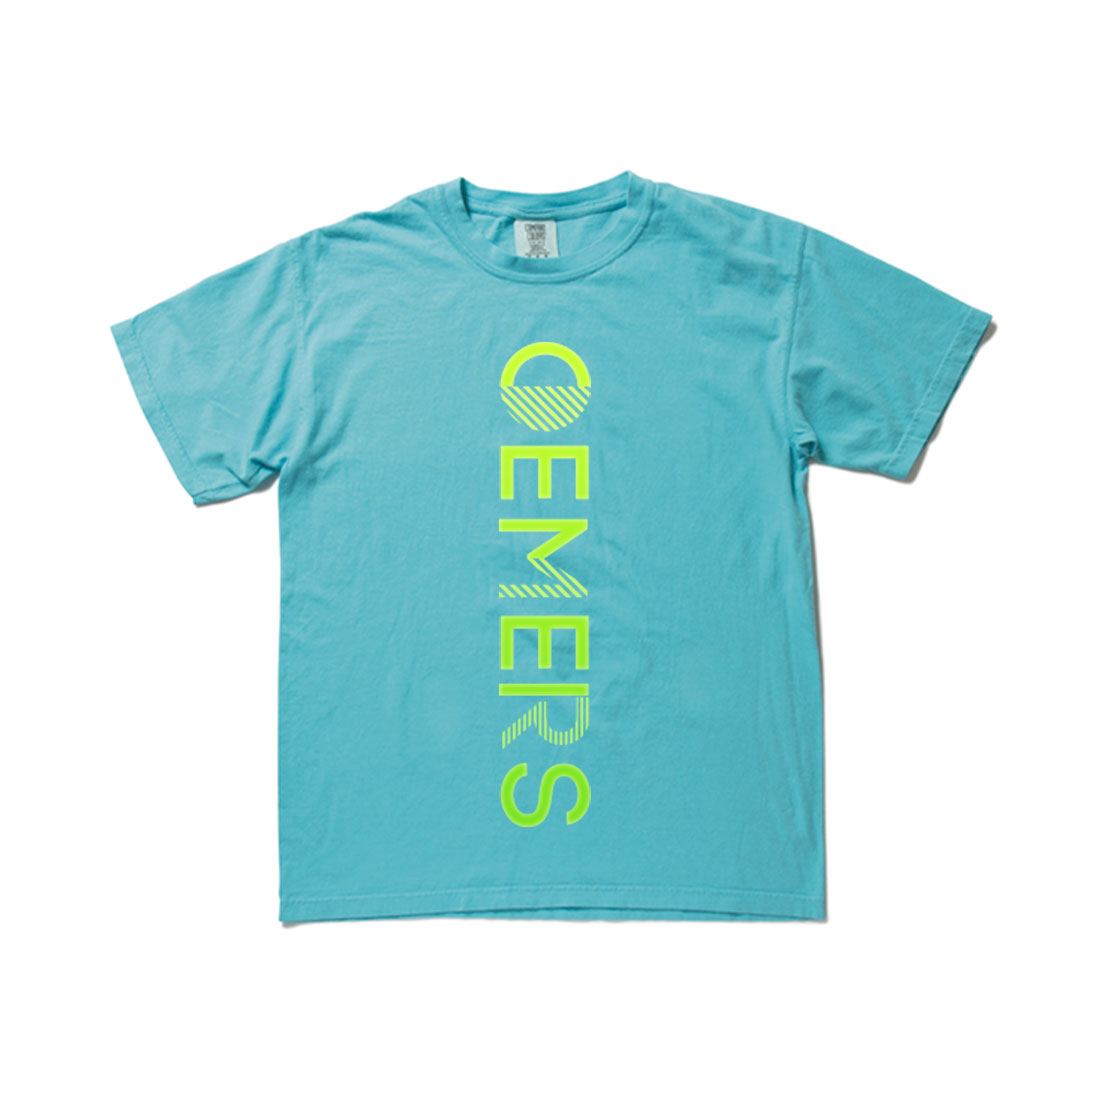 ヴィンテージTシャツ ターコイズ ブルー